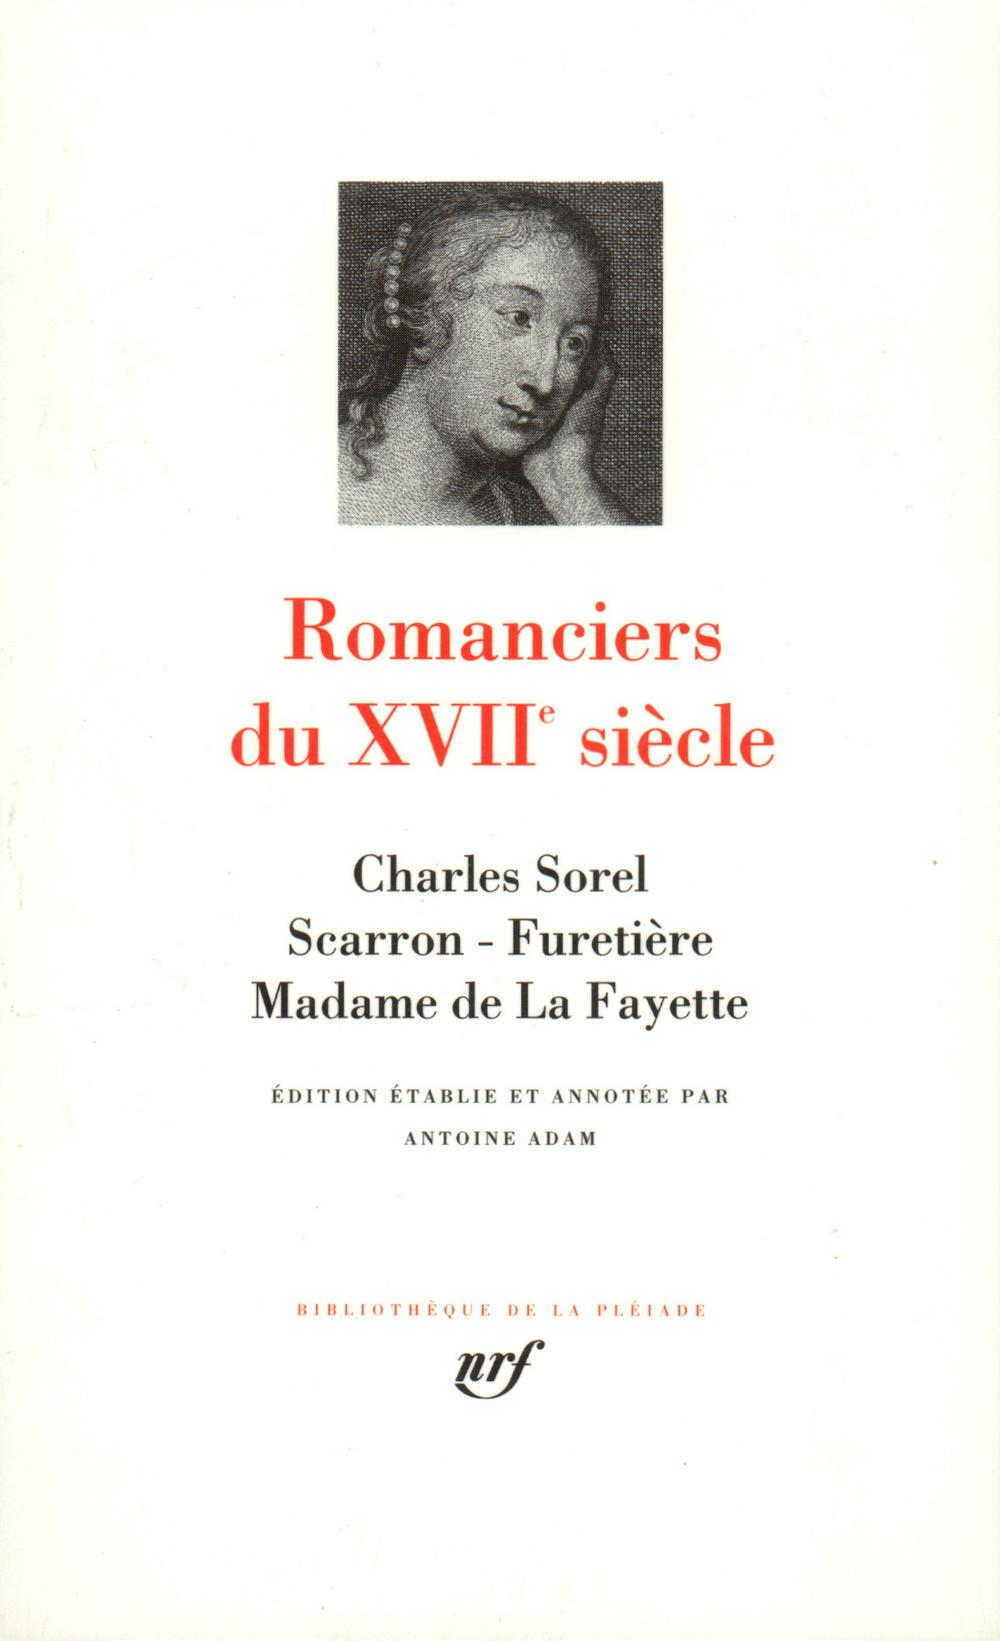 ROMANCIERS DU XVIIE SIECLE SOREL, SCARRON, FURETIERE, MME DE LA FAYETTE